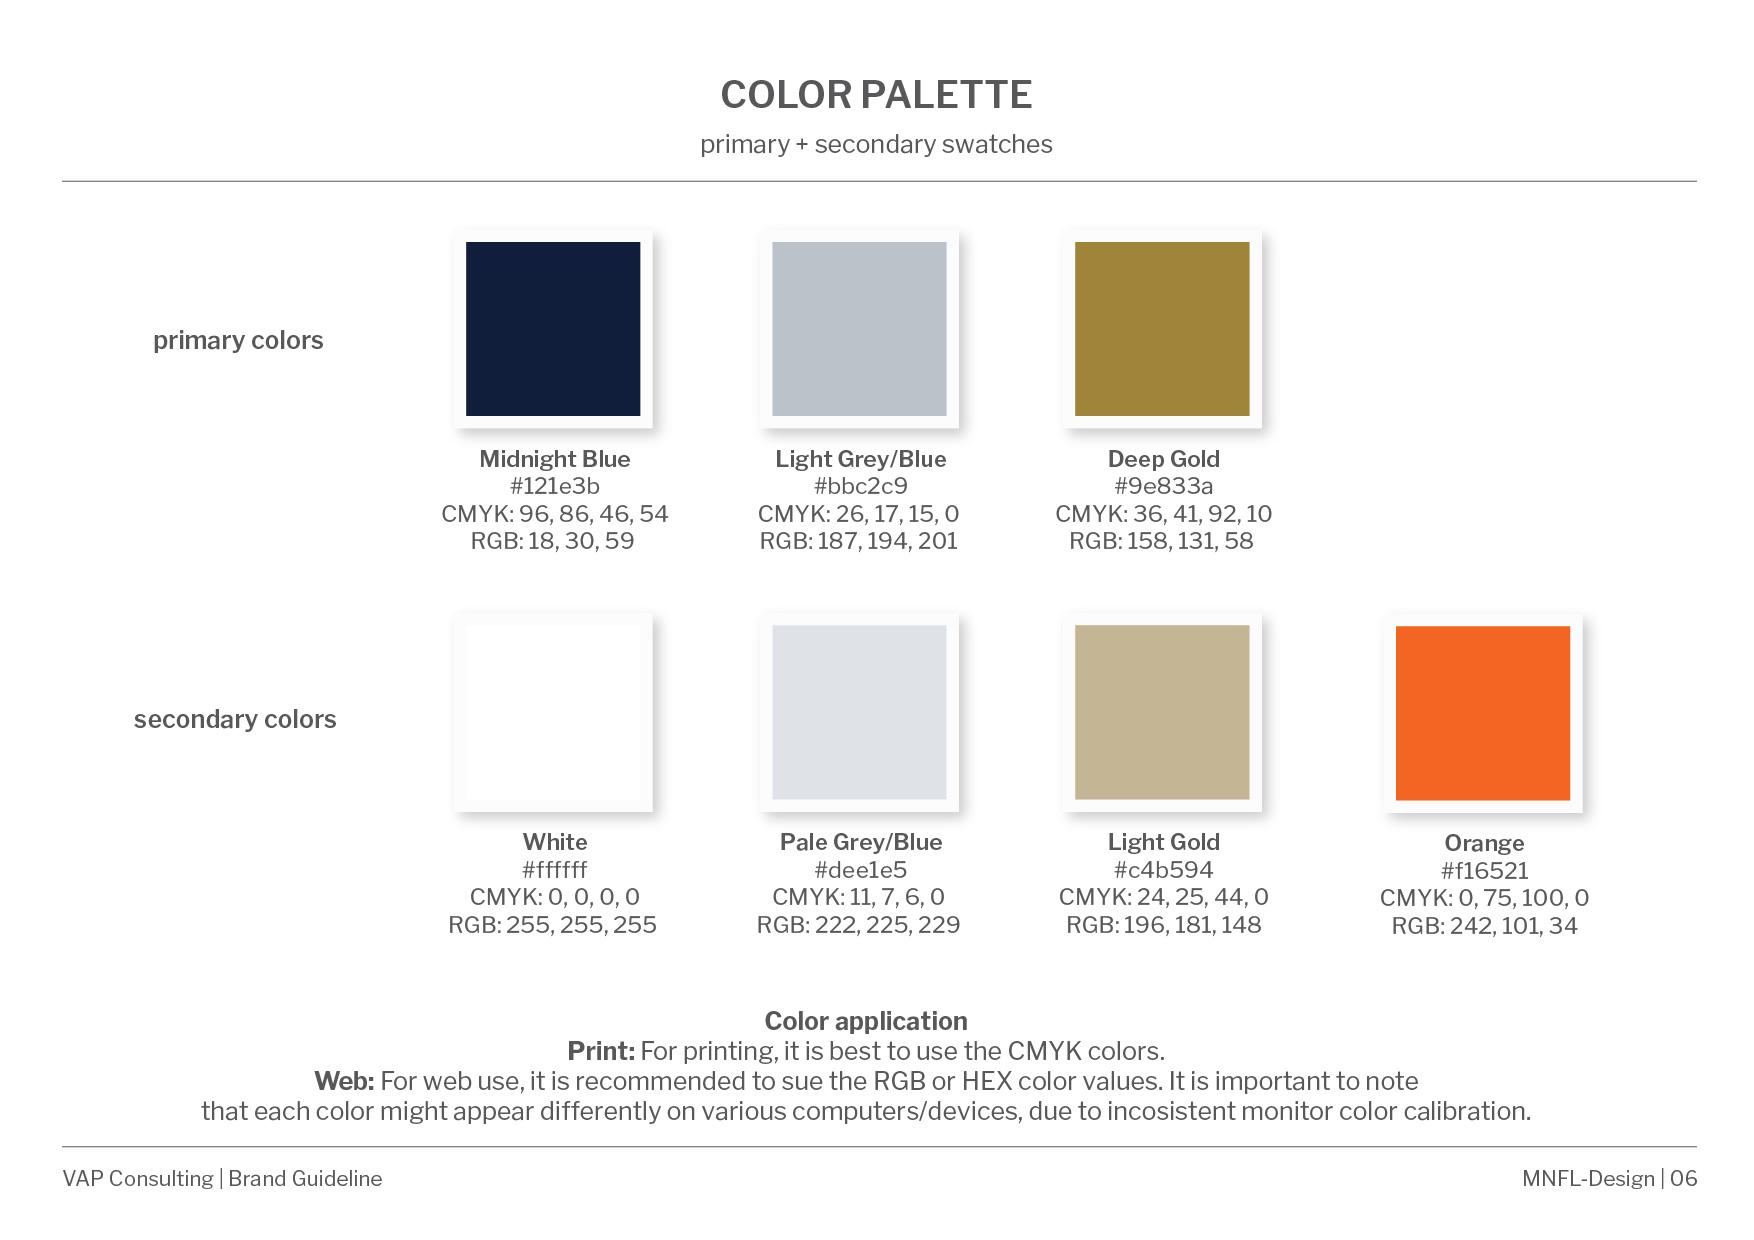 VAP Brand Guideline_color palette.jpg